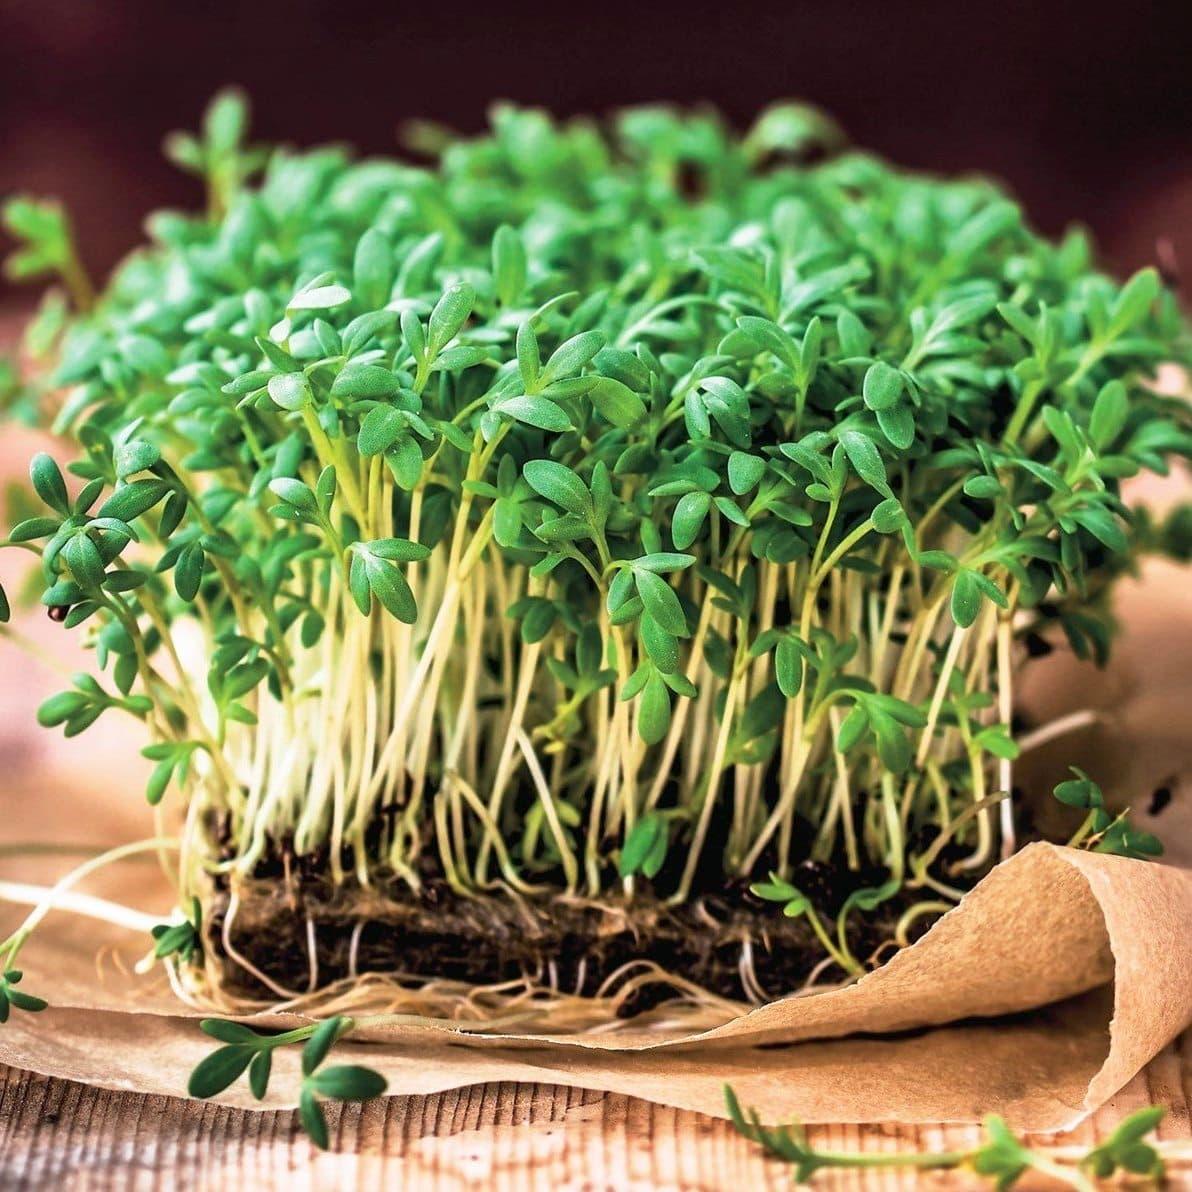 Кресс-салат: польза и вред для здоровья | польза и вред